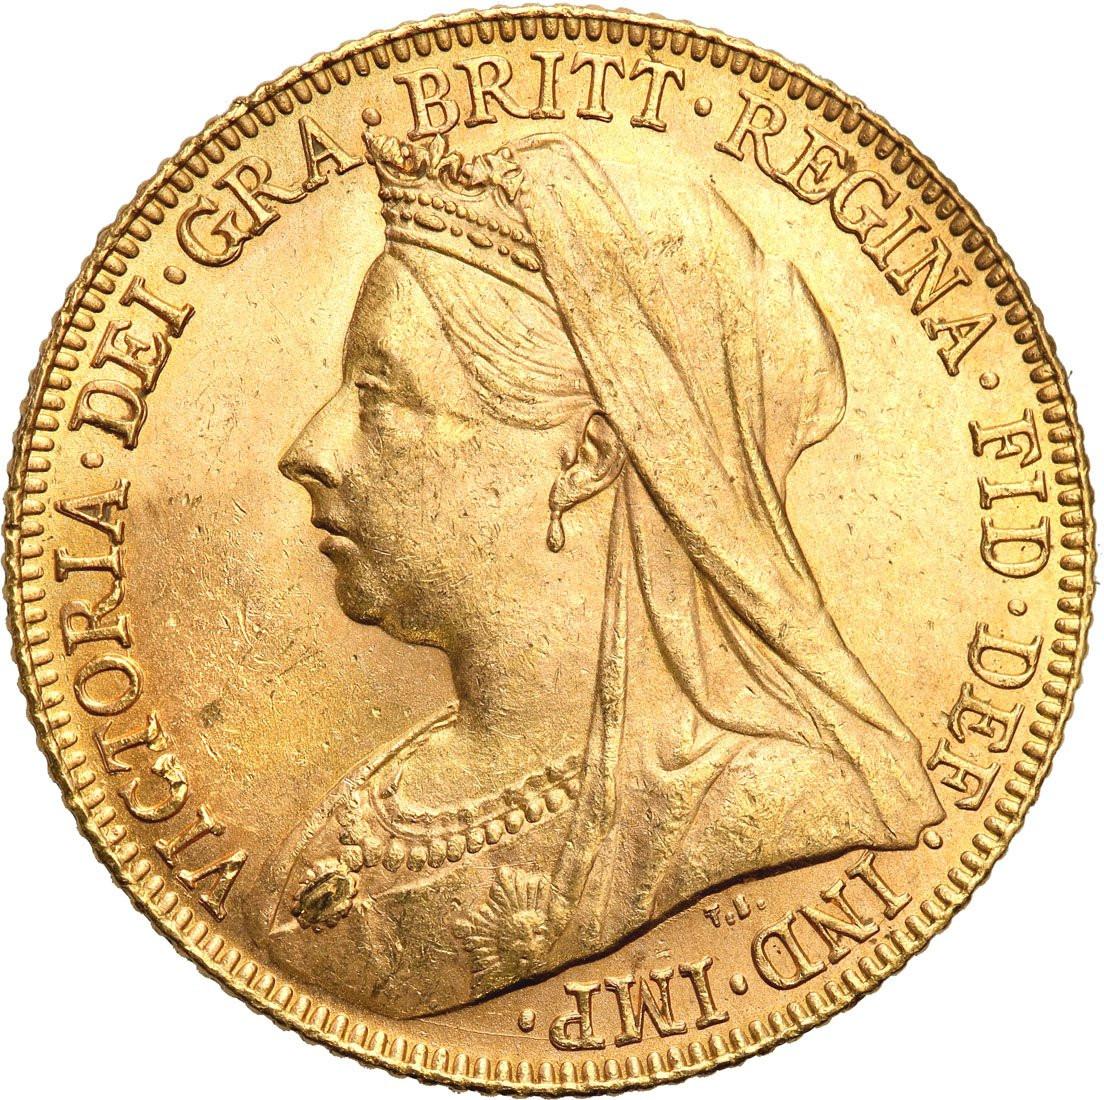 Wielka Brytania. Królowa Vicotria. 1 suweren 1900